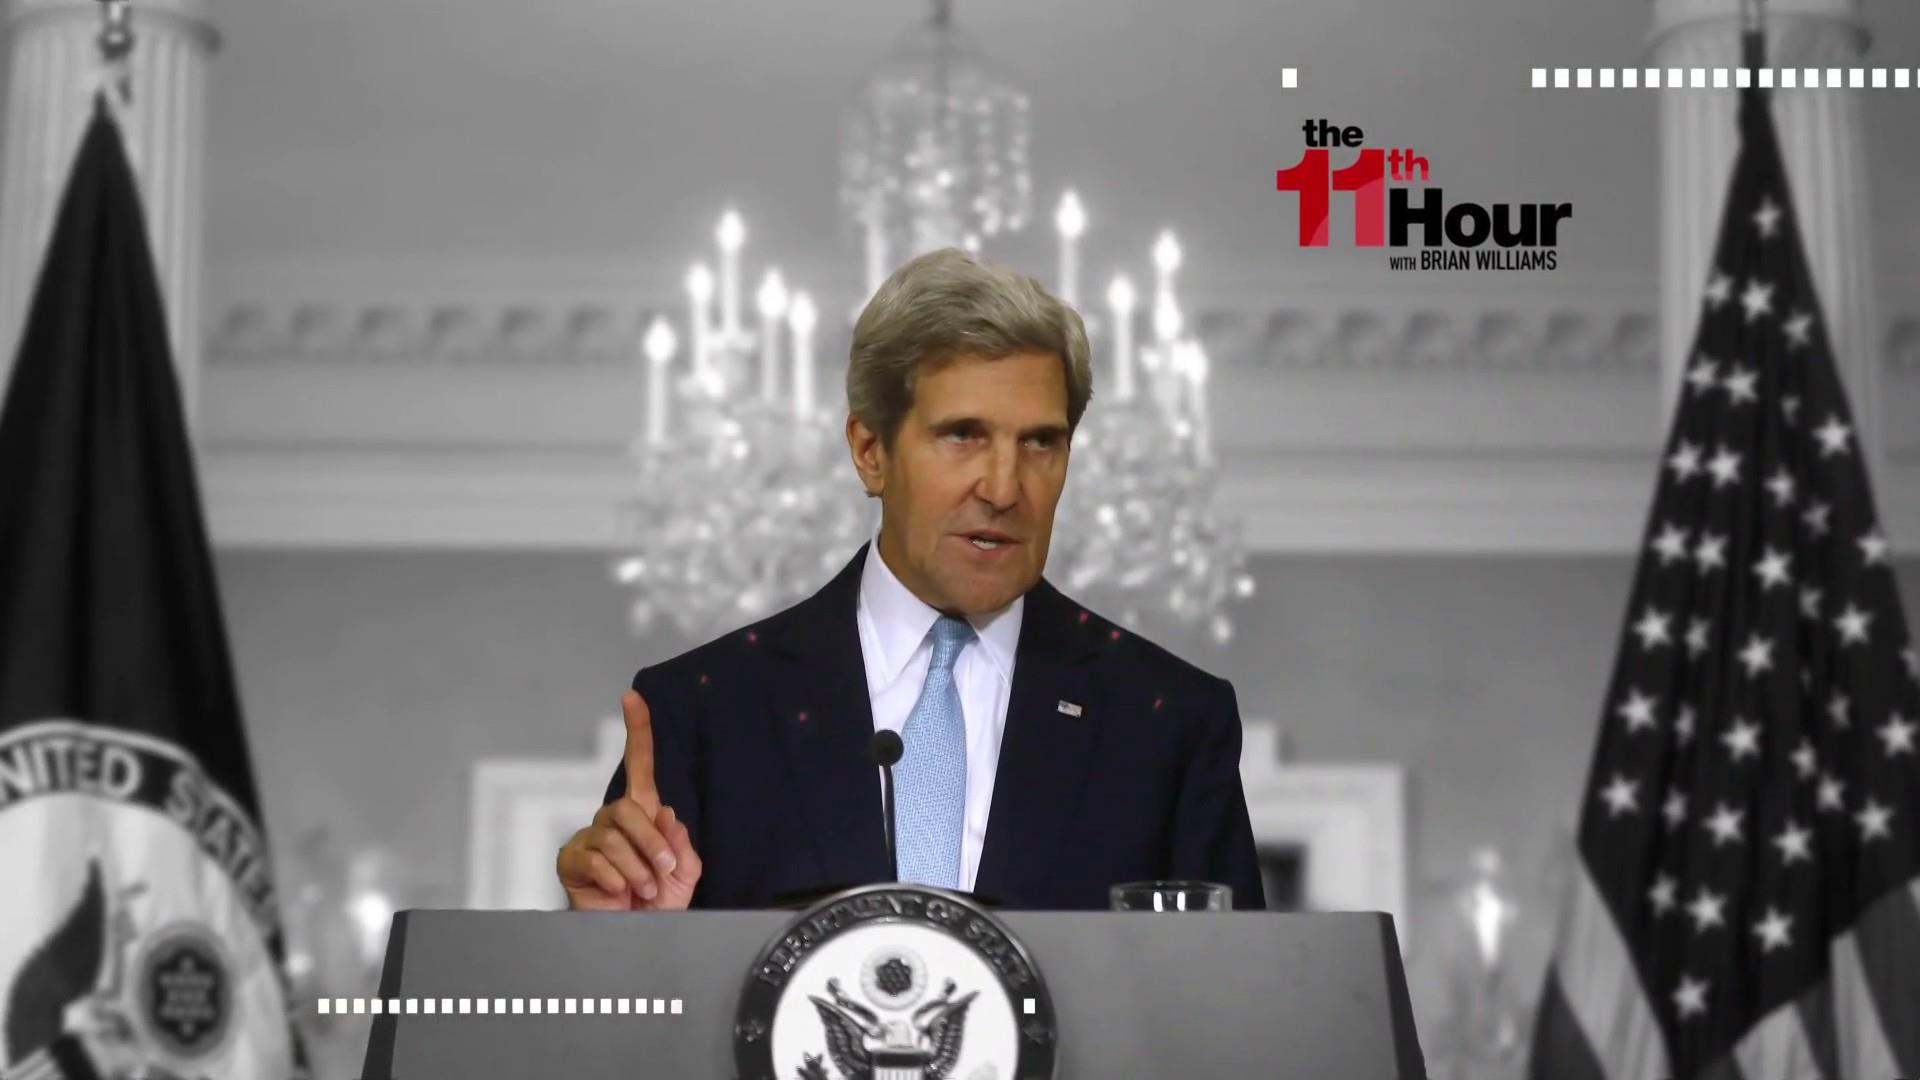 John Kerry: Enormous mistake how Senate is handling Kavanaugh